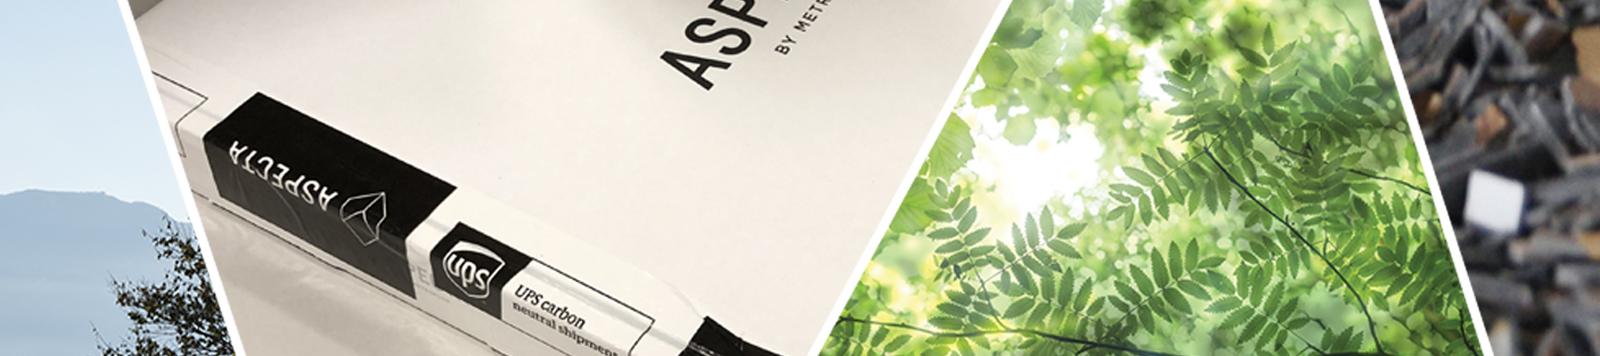 Nachhaltigkeitsprogramme von Aspecta